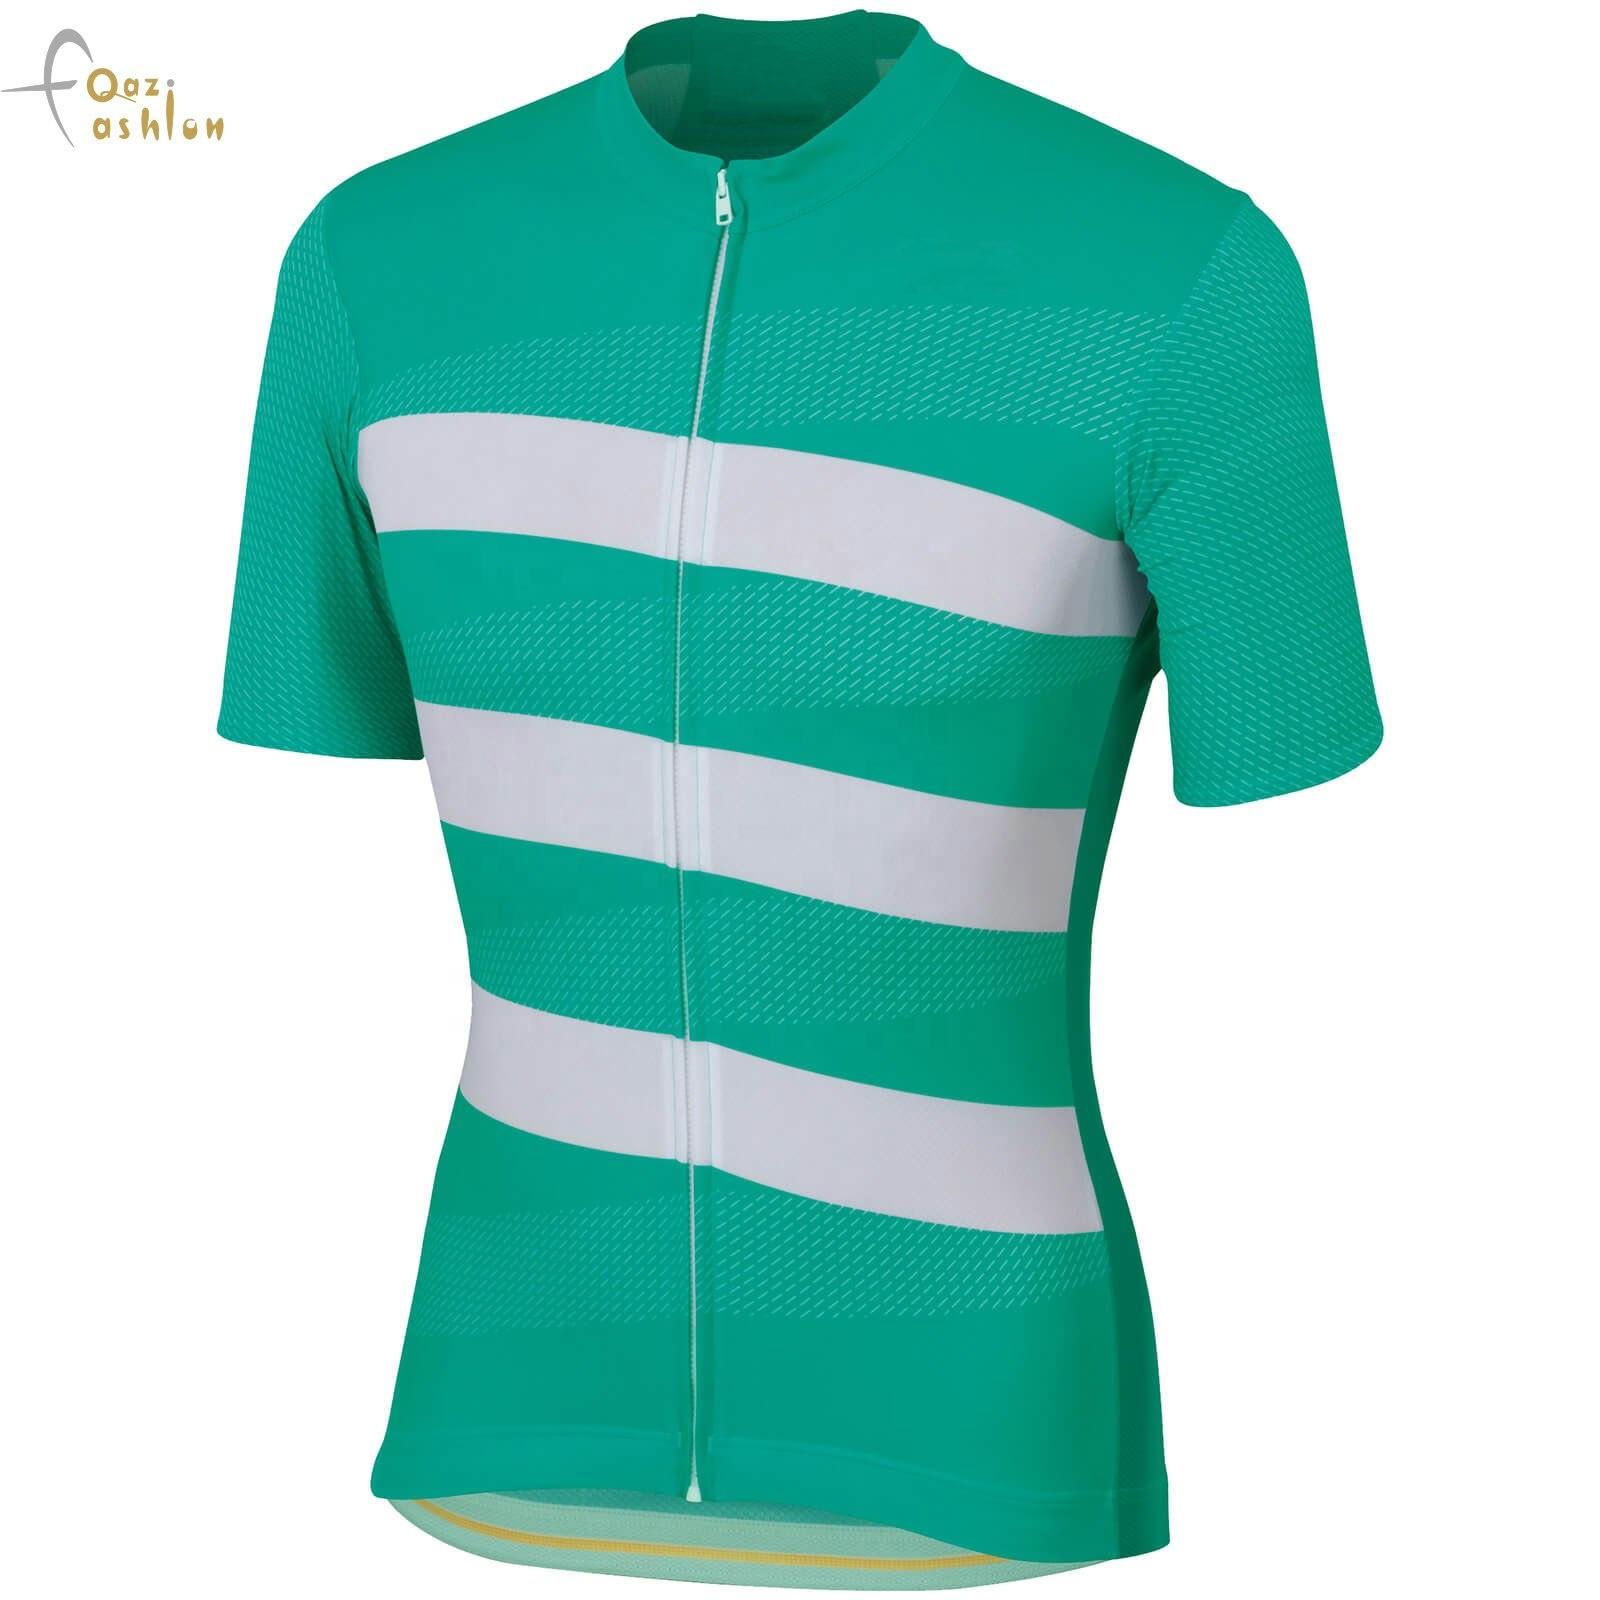 DEKO Men/'s Cycling Jersey Bike T-shirt Cycle Top Short Sleeve Cycling Shorts Set